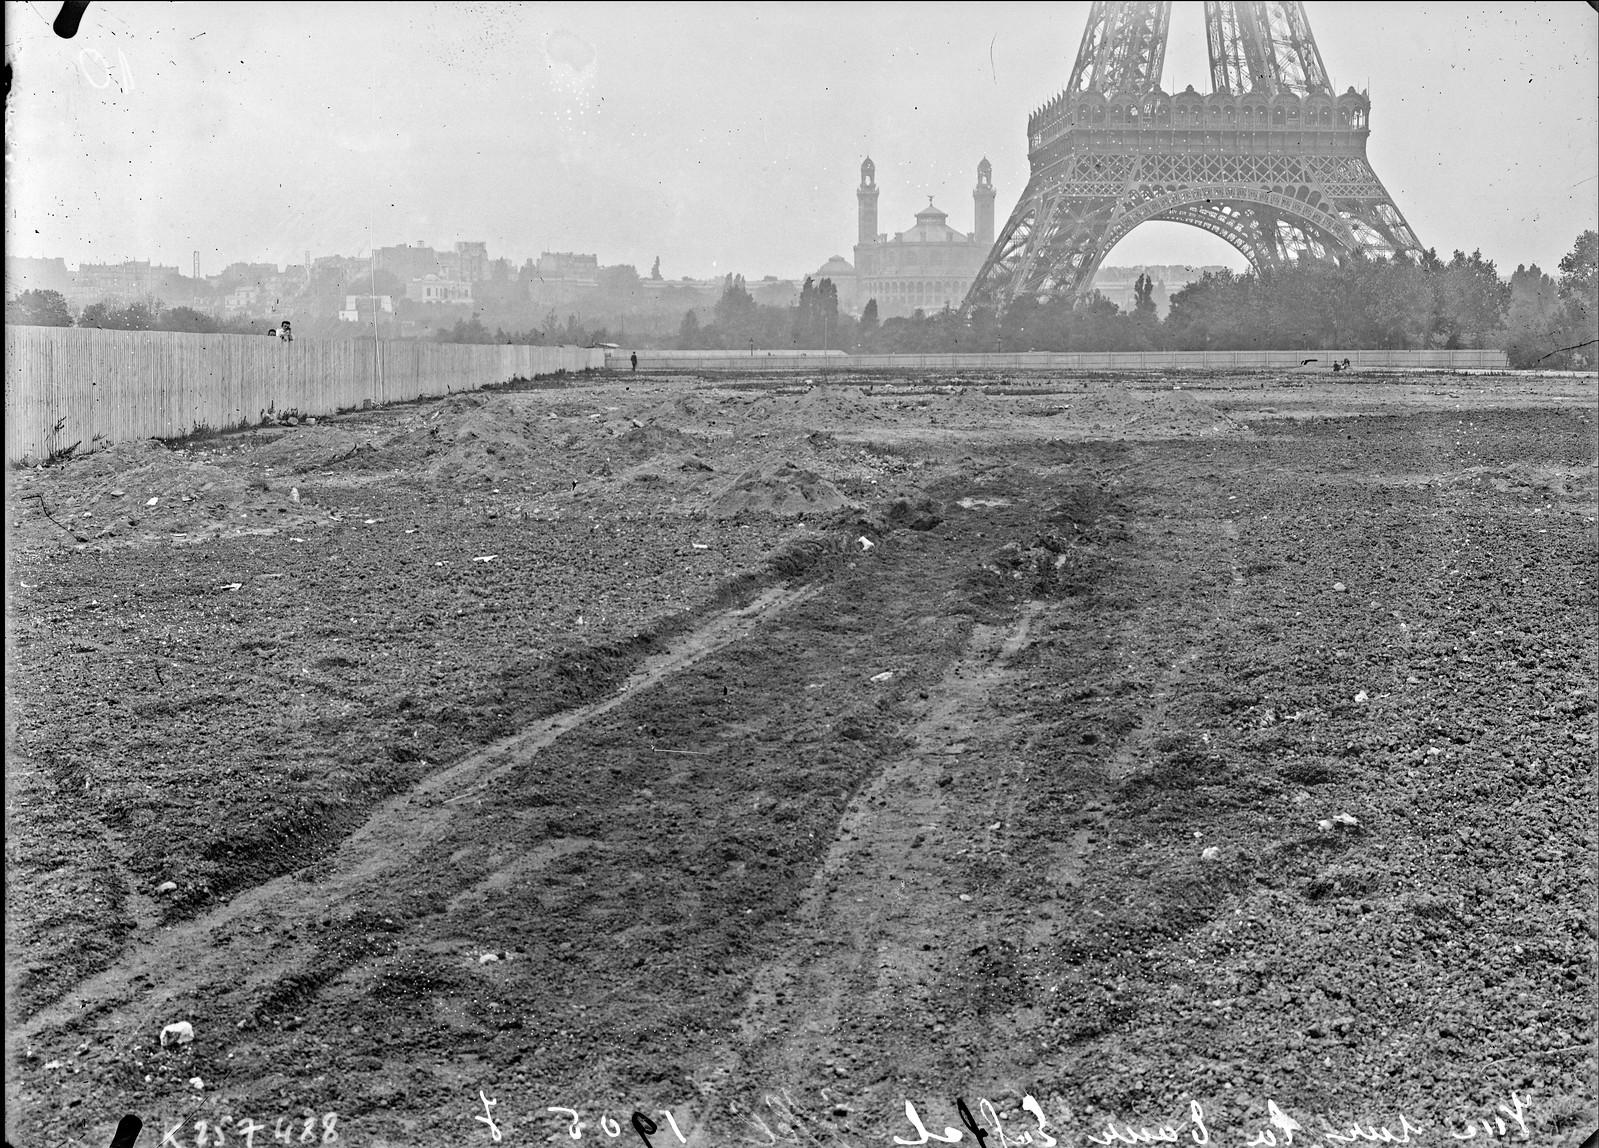 1905. Вид на Эйфелеву башню